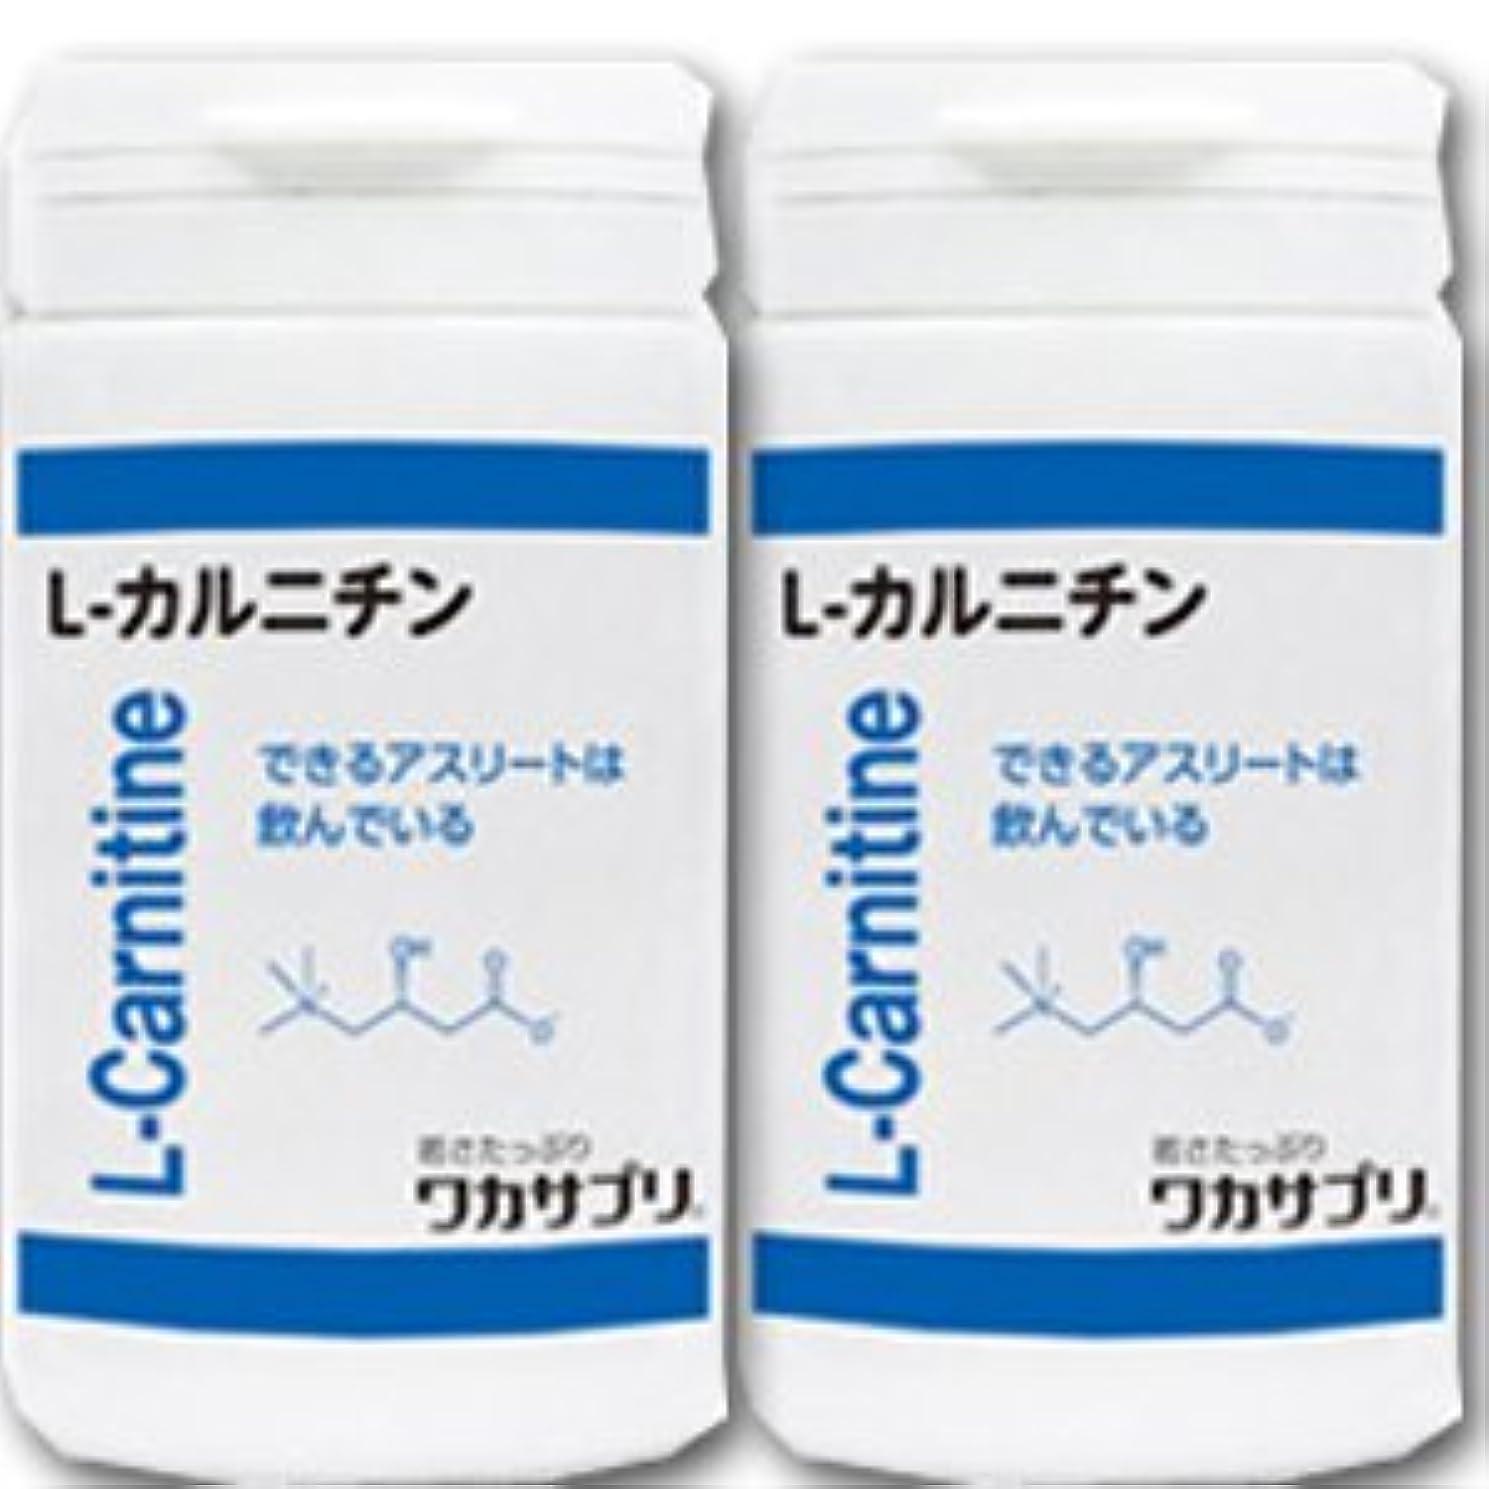 意気込み息を切らしてビート【2個】 ワカサプリ L-カルニチン 60粒x2個(4562137413703)